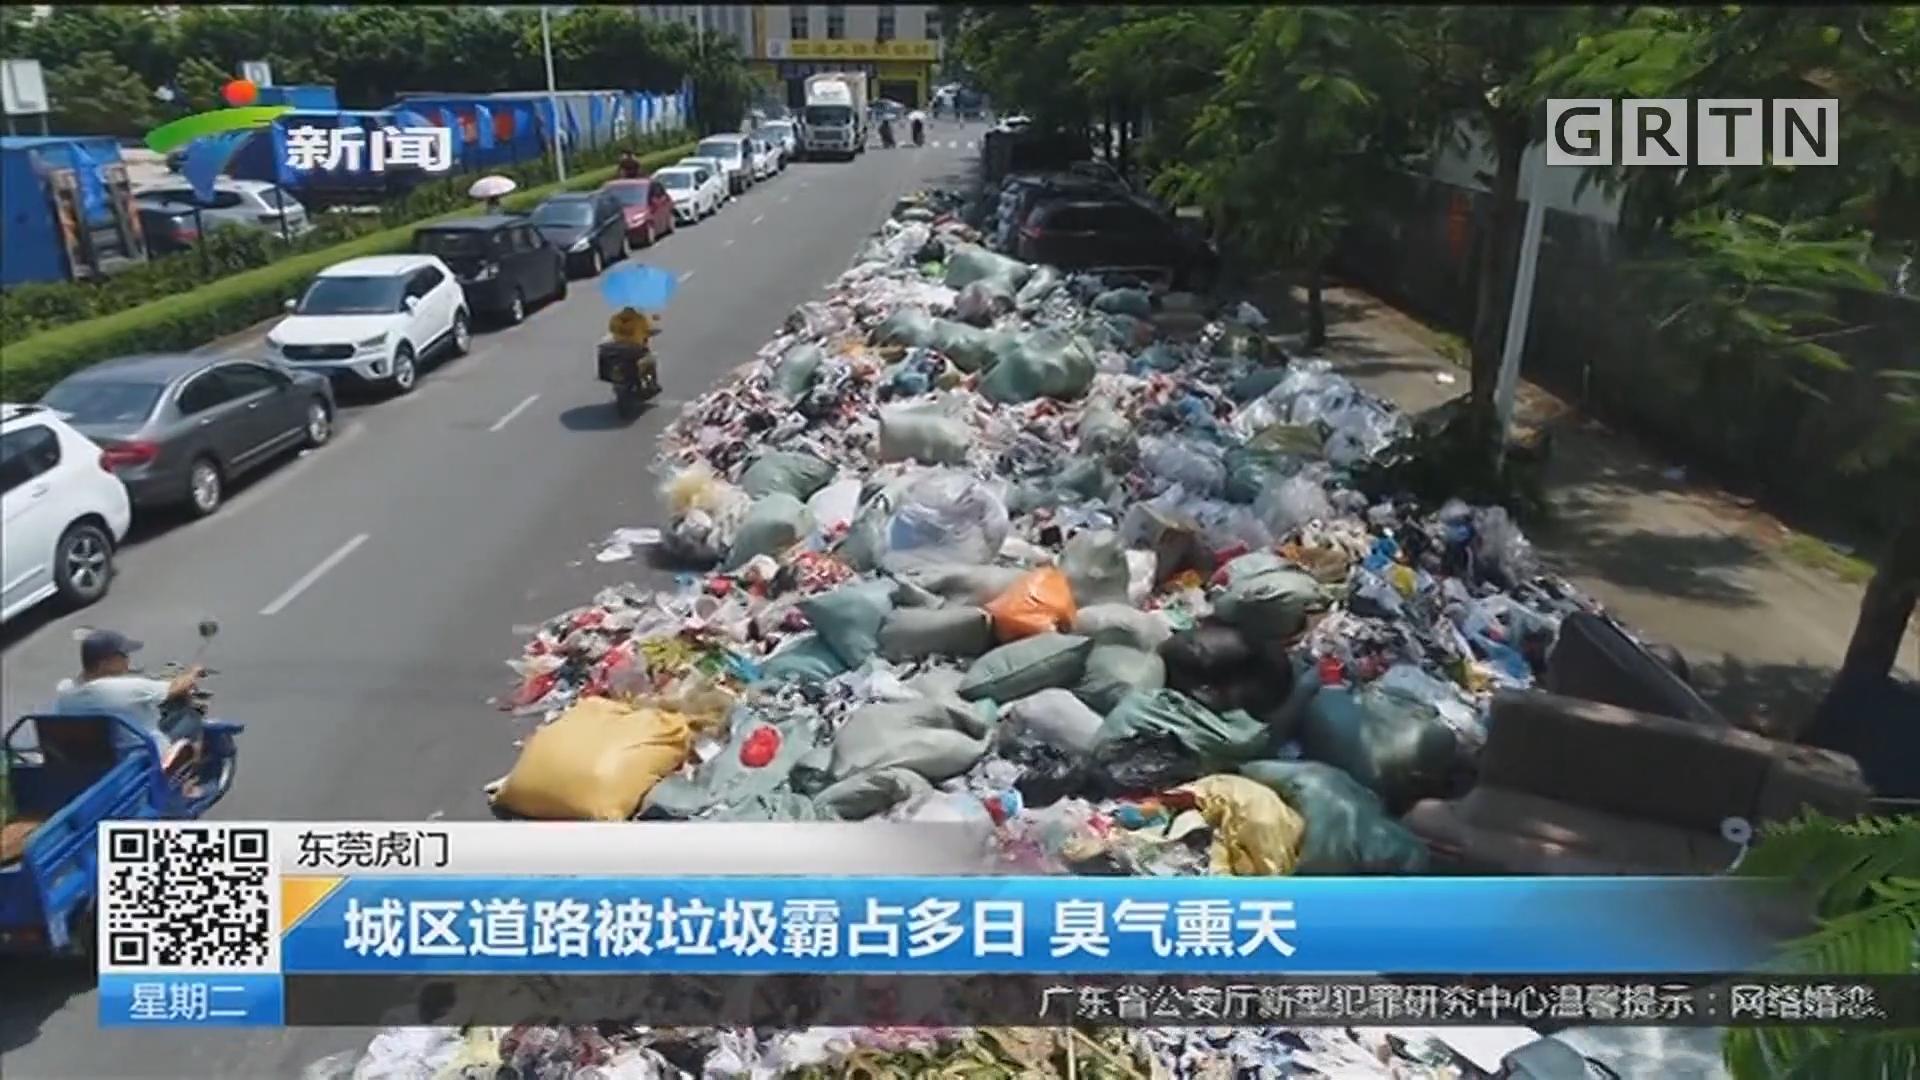 东莞虎门:城区道路被垃圾霸占多日 臭气熏天